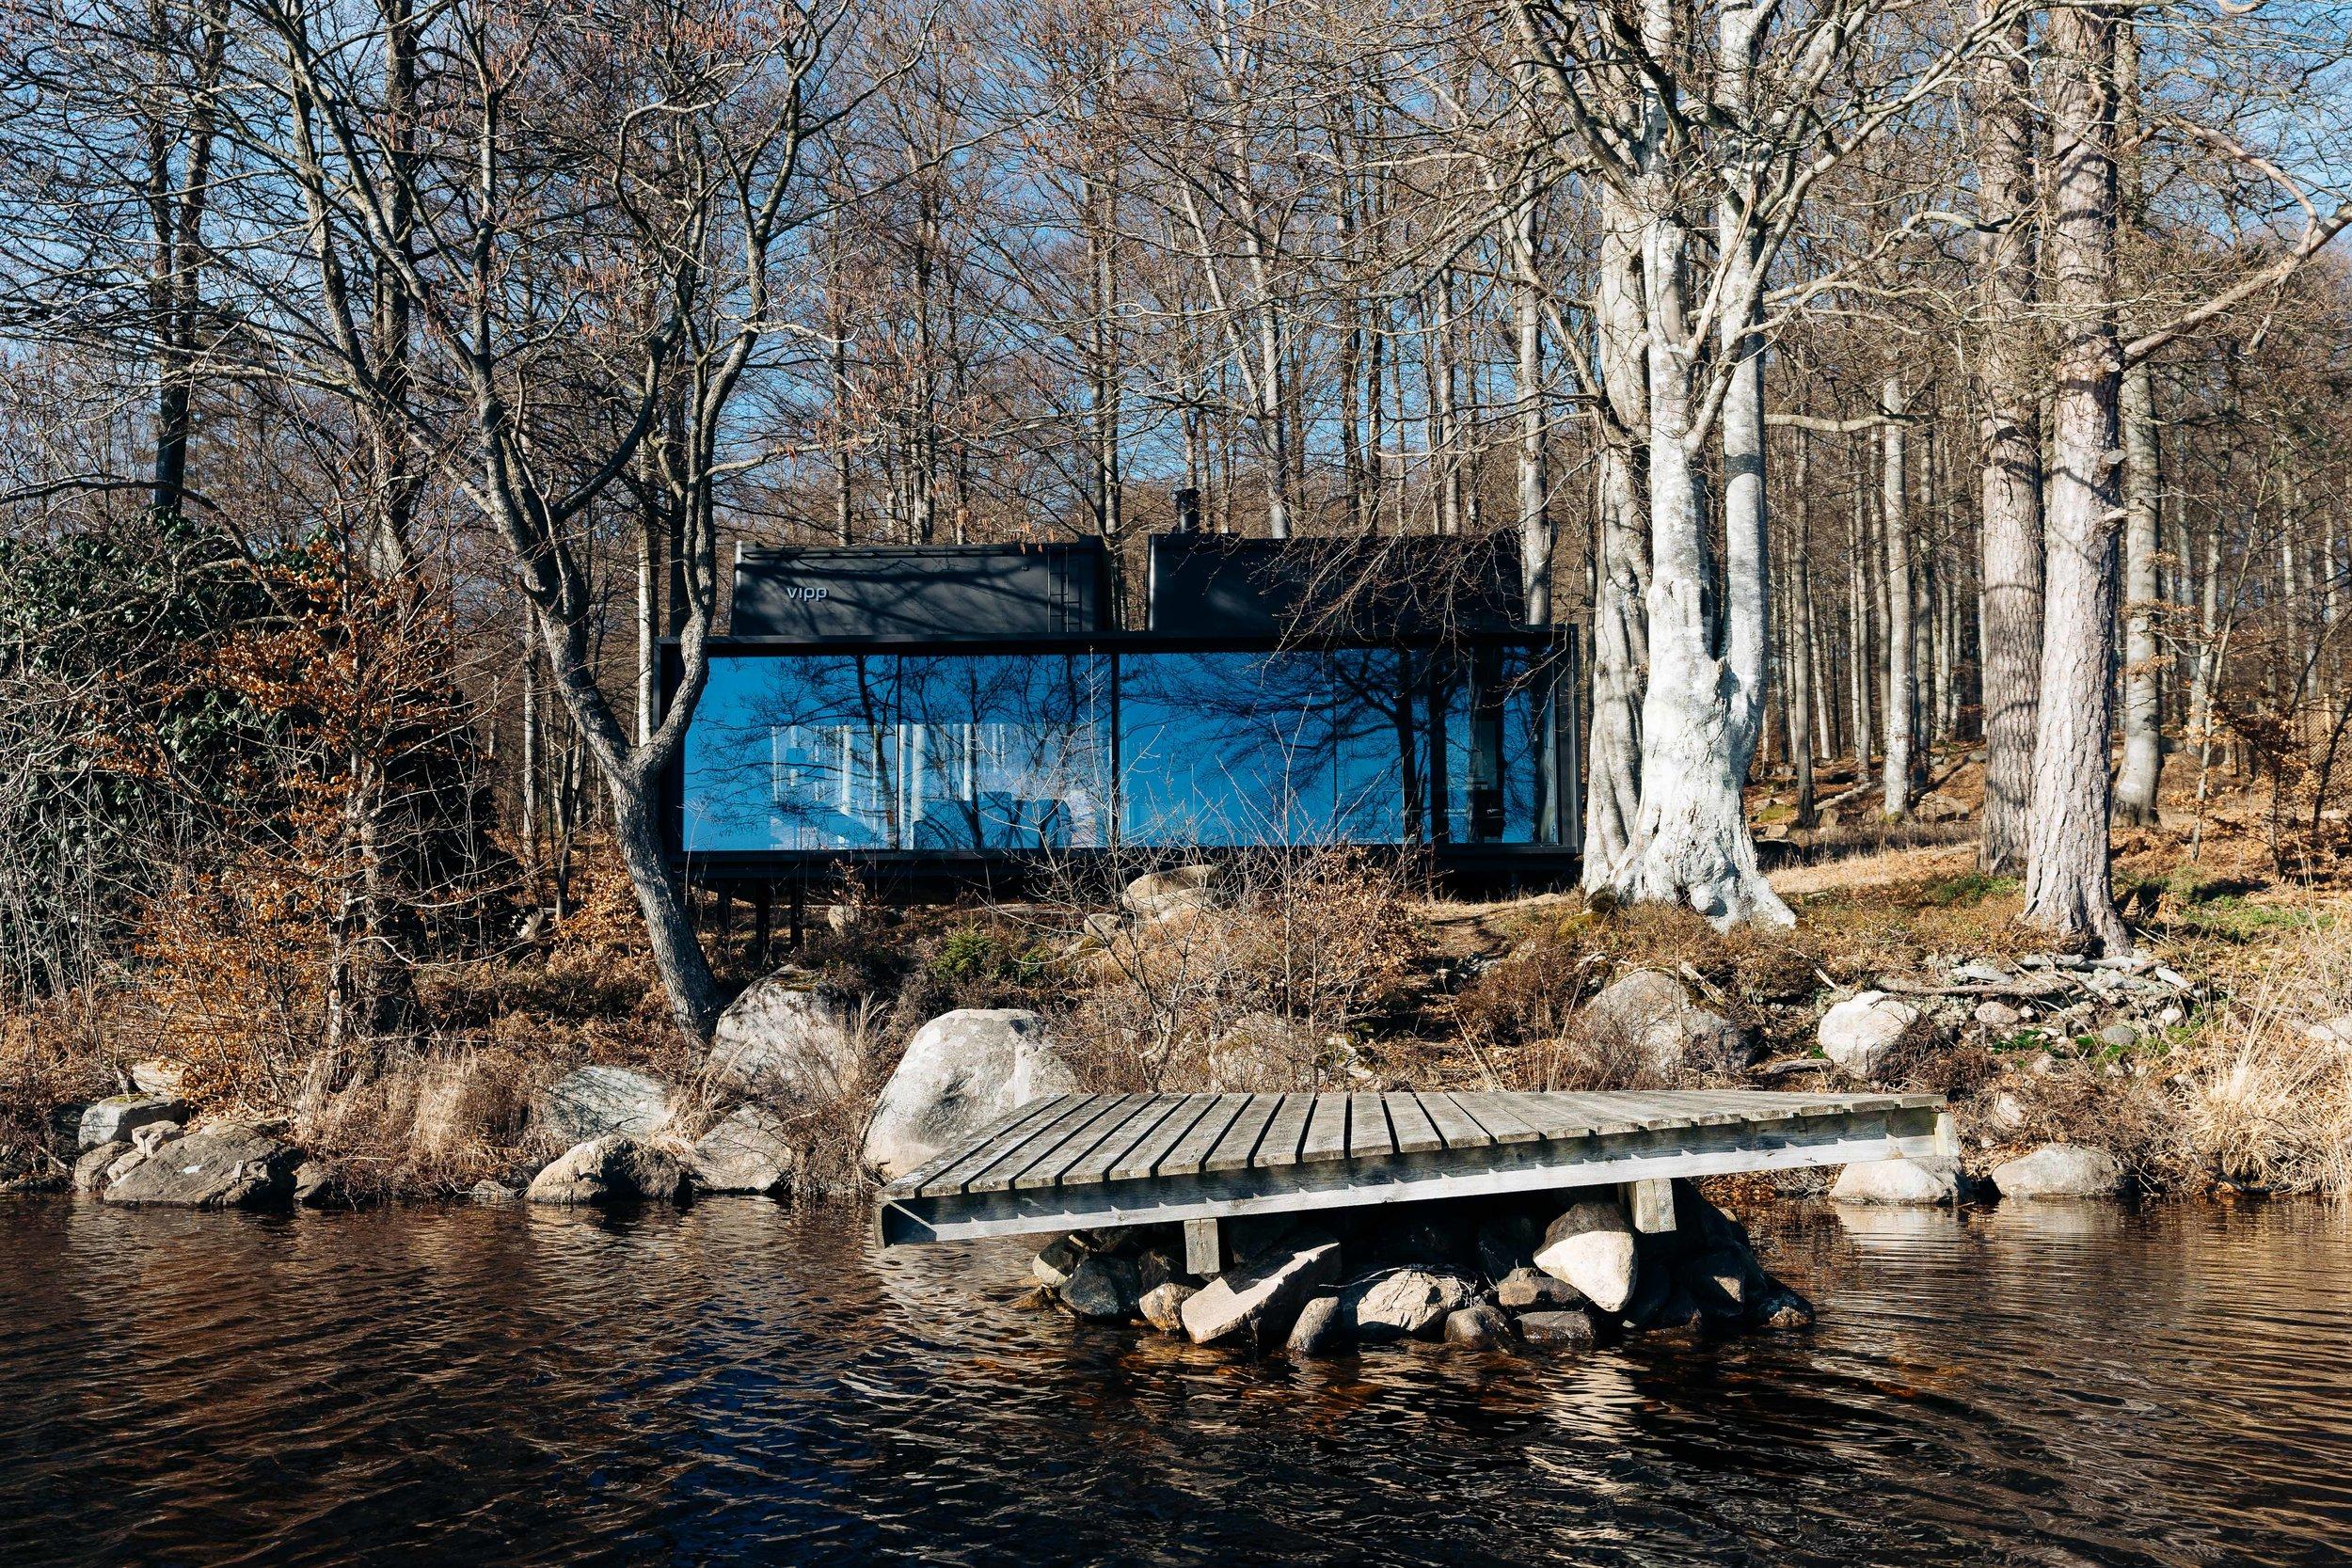 ASROSENVINGE_VIPP_Shelter_Immeln_Sweden-02640.jpg